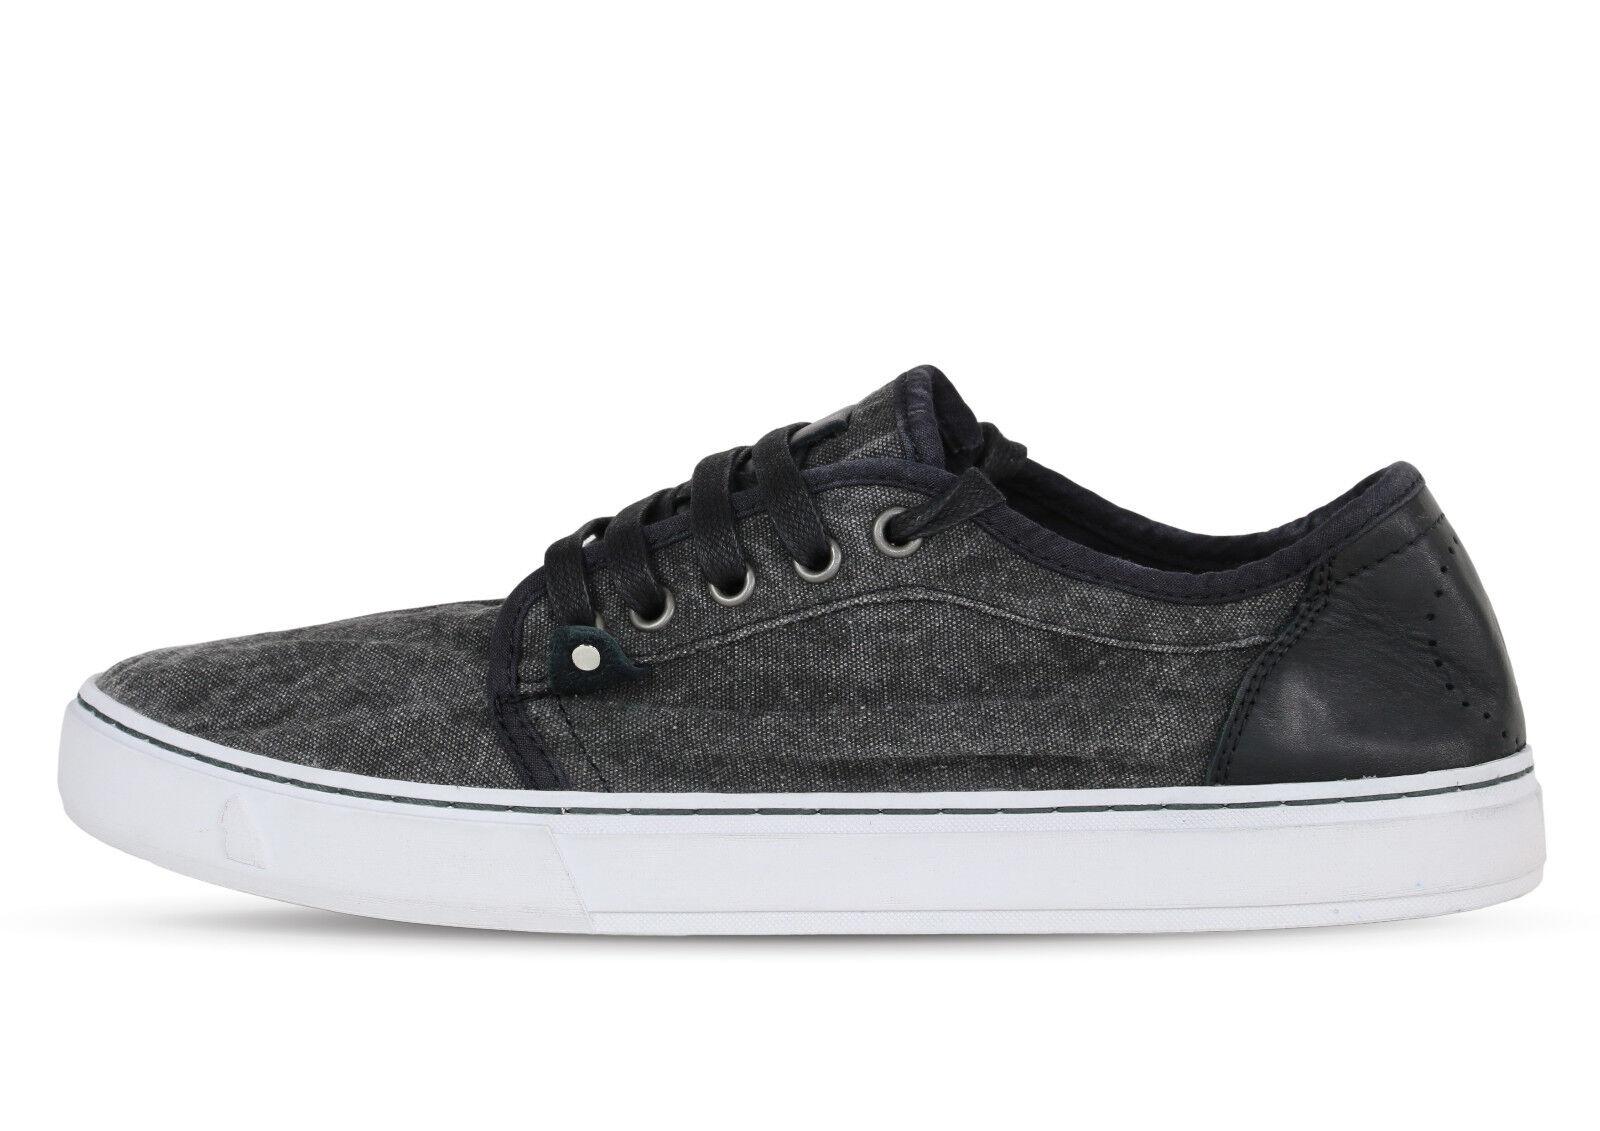 Satorisan HEISEI Tie Dye Black Sneakers - Herren - schwarz +NEU+